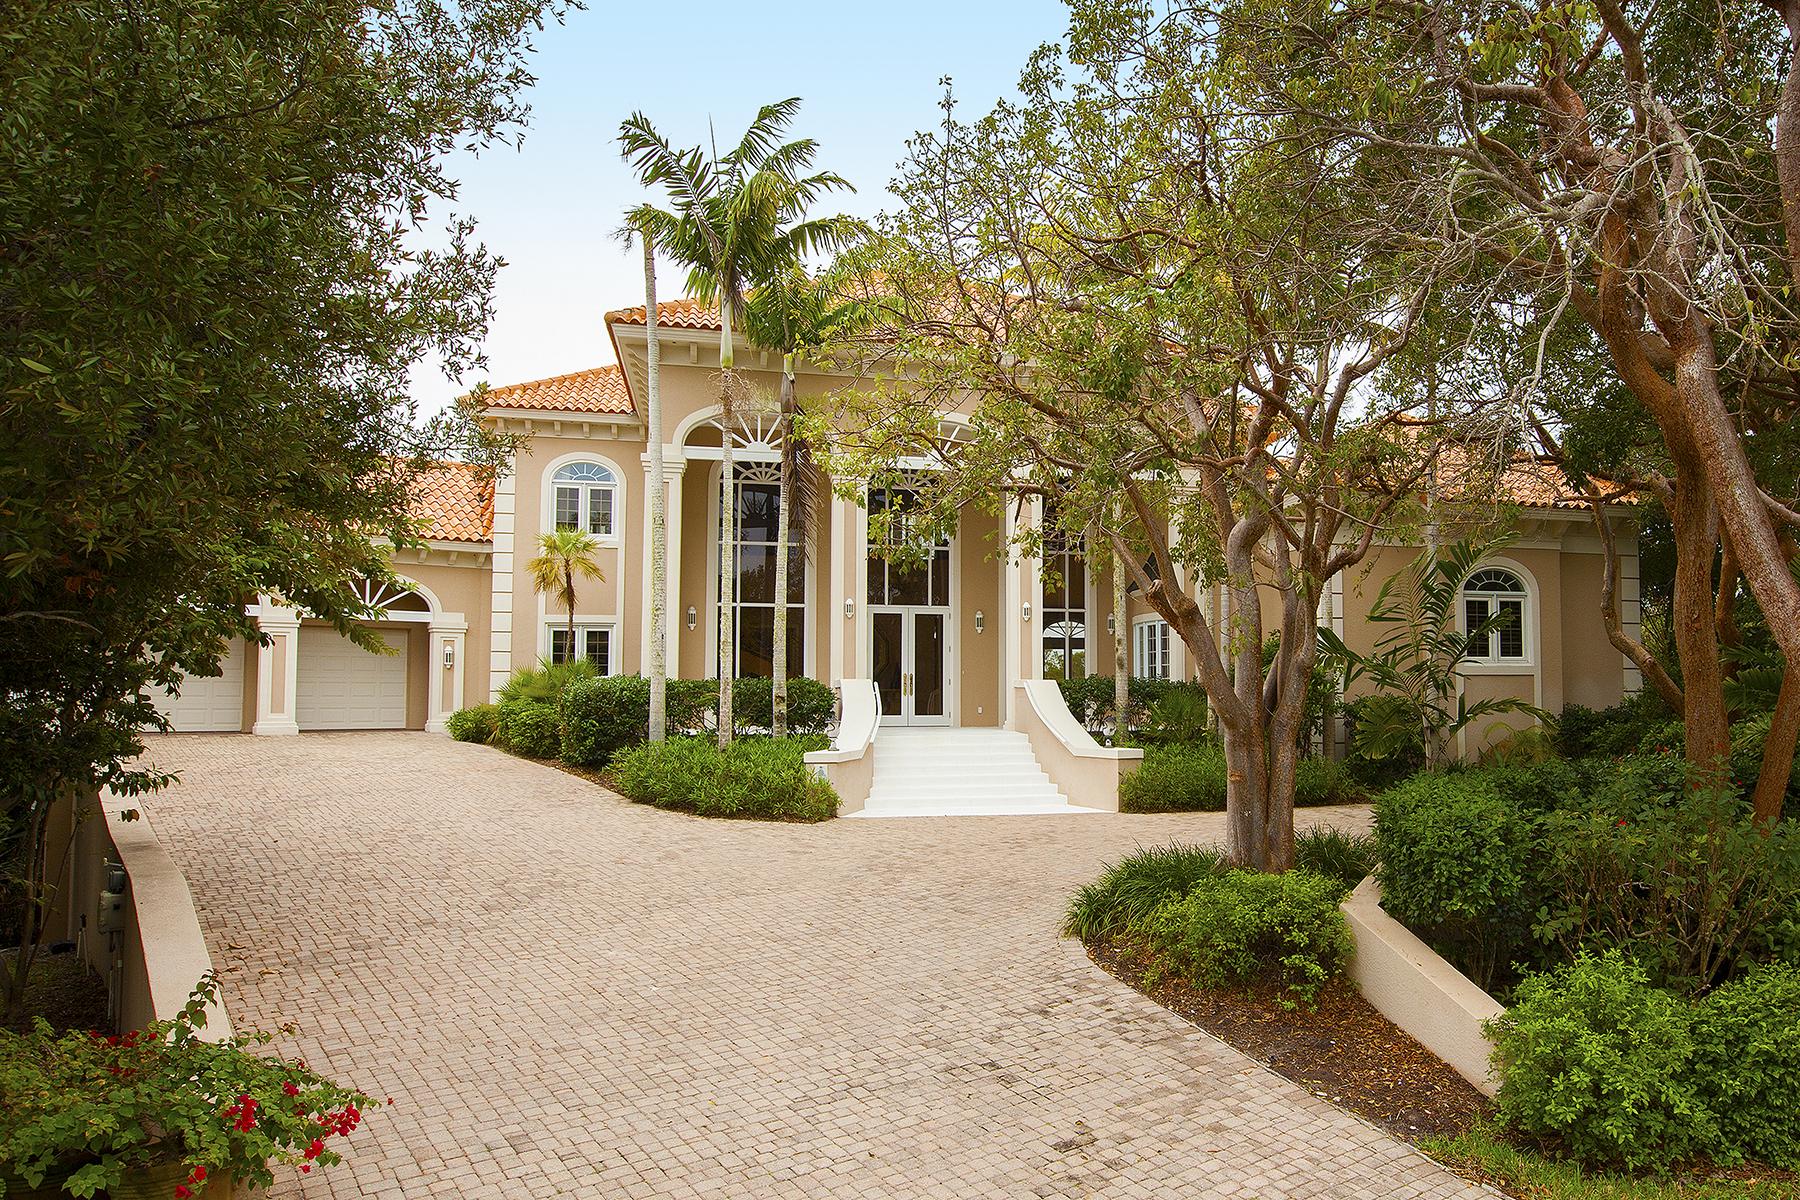 独户住宅 为 销售 在 MARCO ISLAND - KEY MARCO 1180 Blue Hill Creek Dr 马可岛, 佛罗里达州, 34145 美国